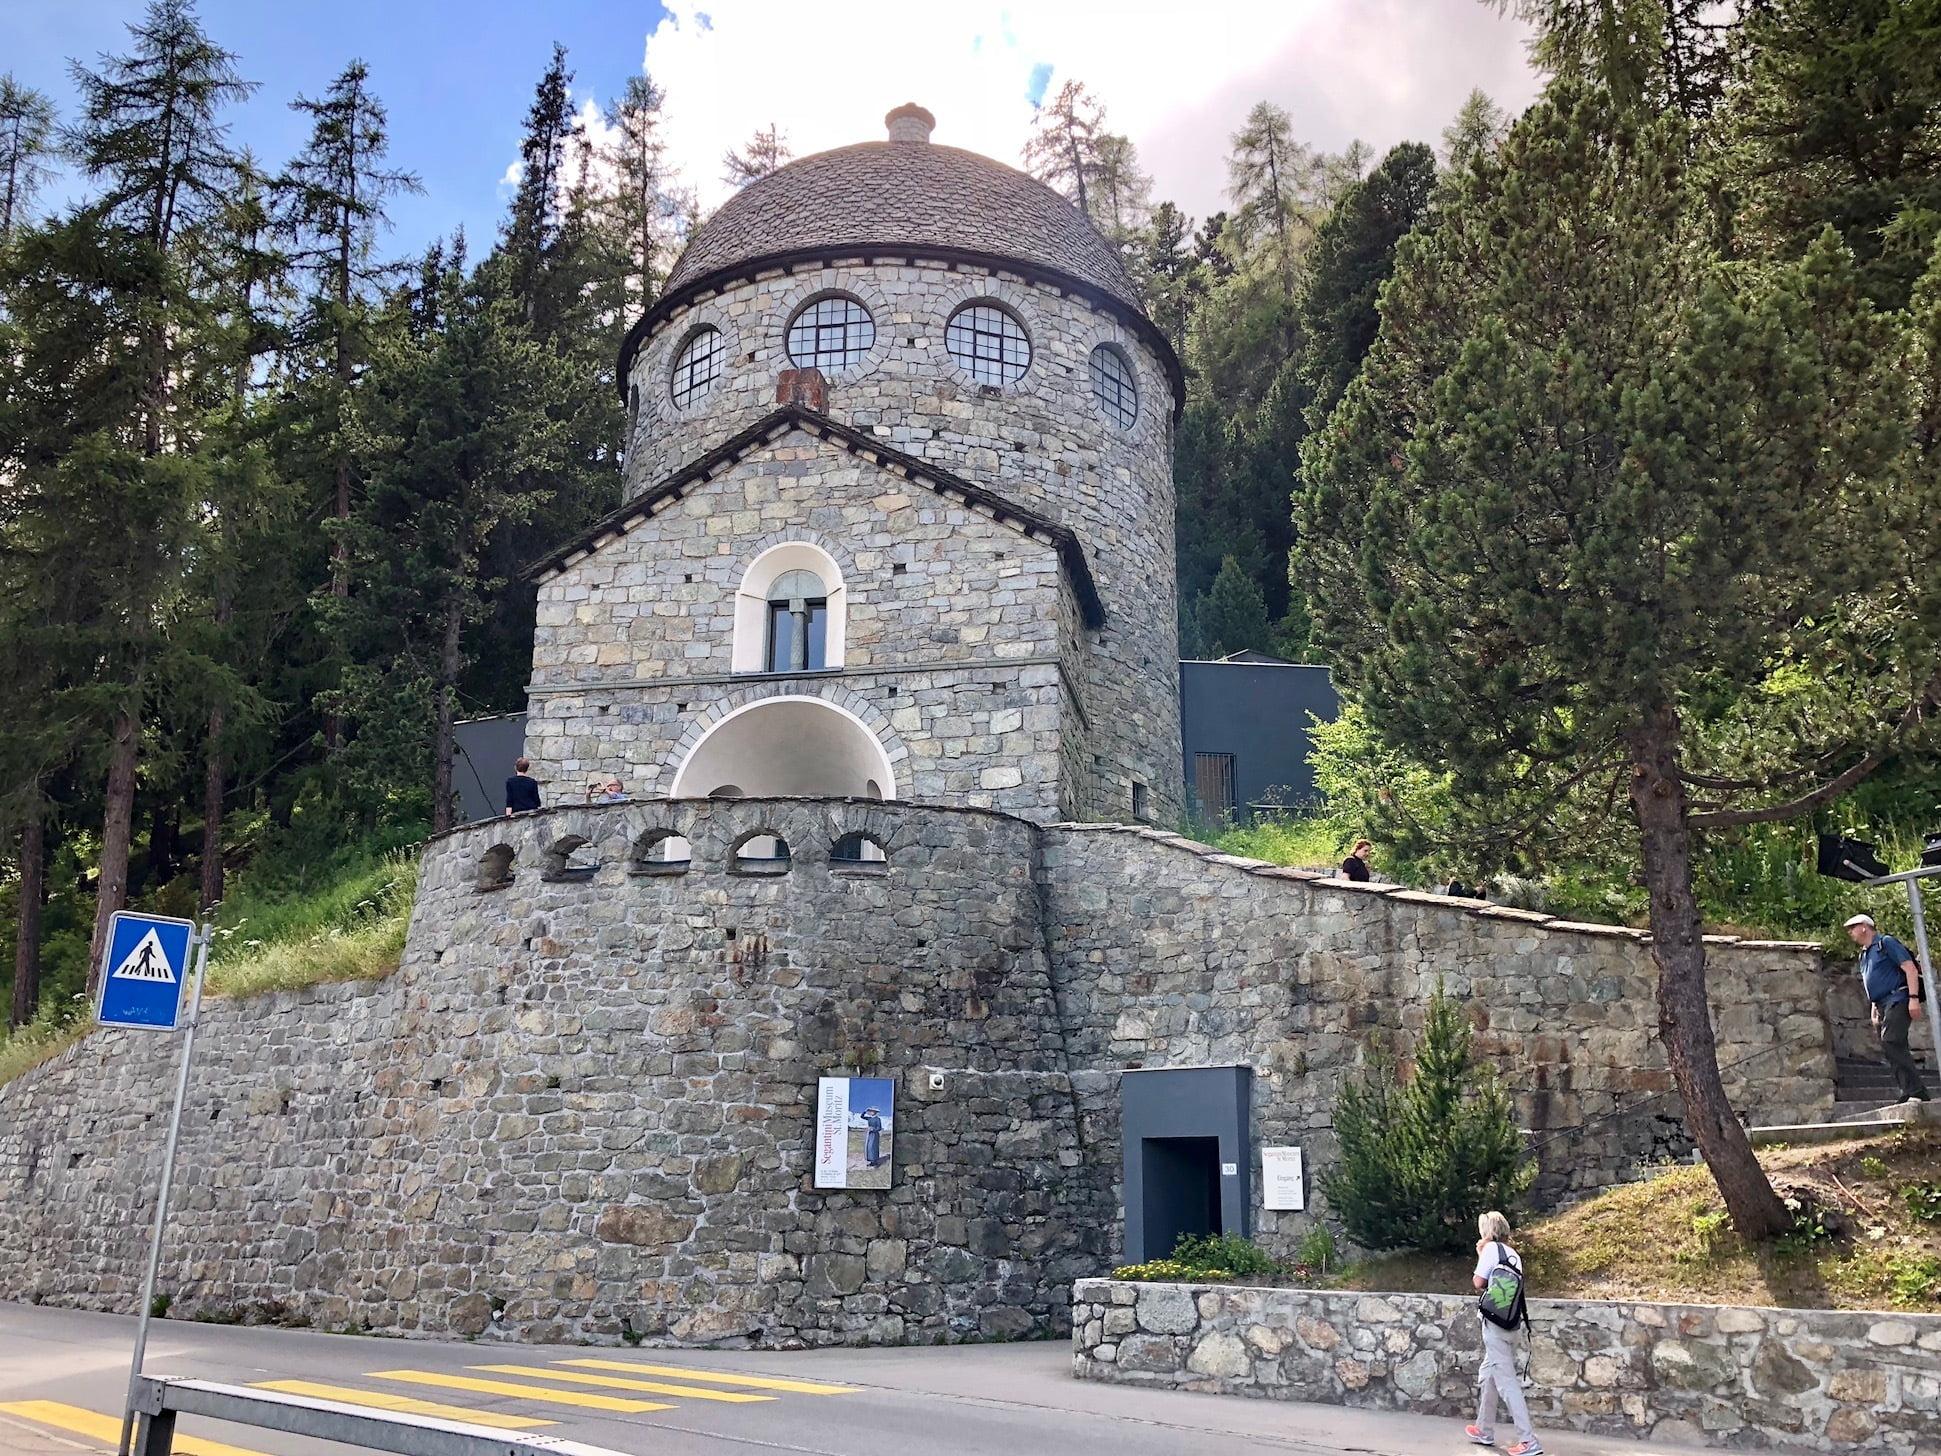 Segantini Museum, St. Moritz